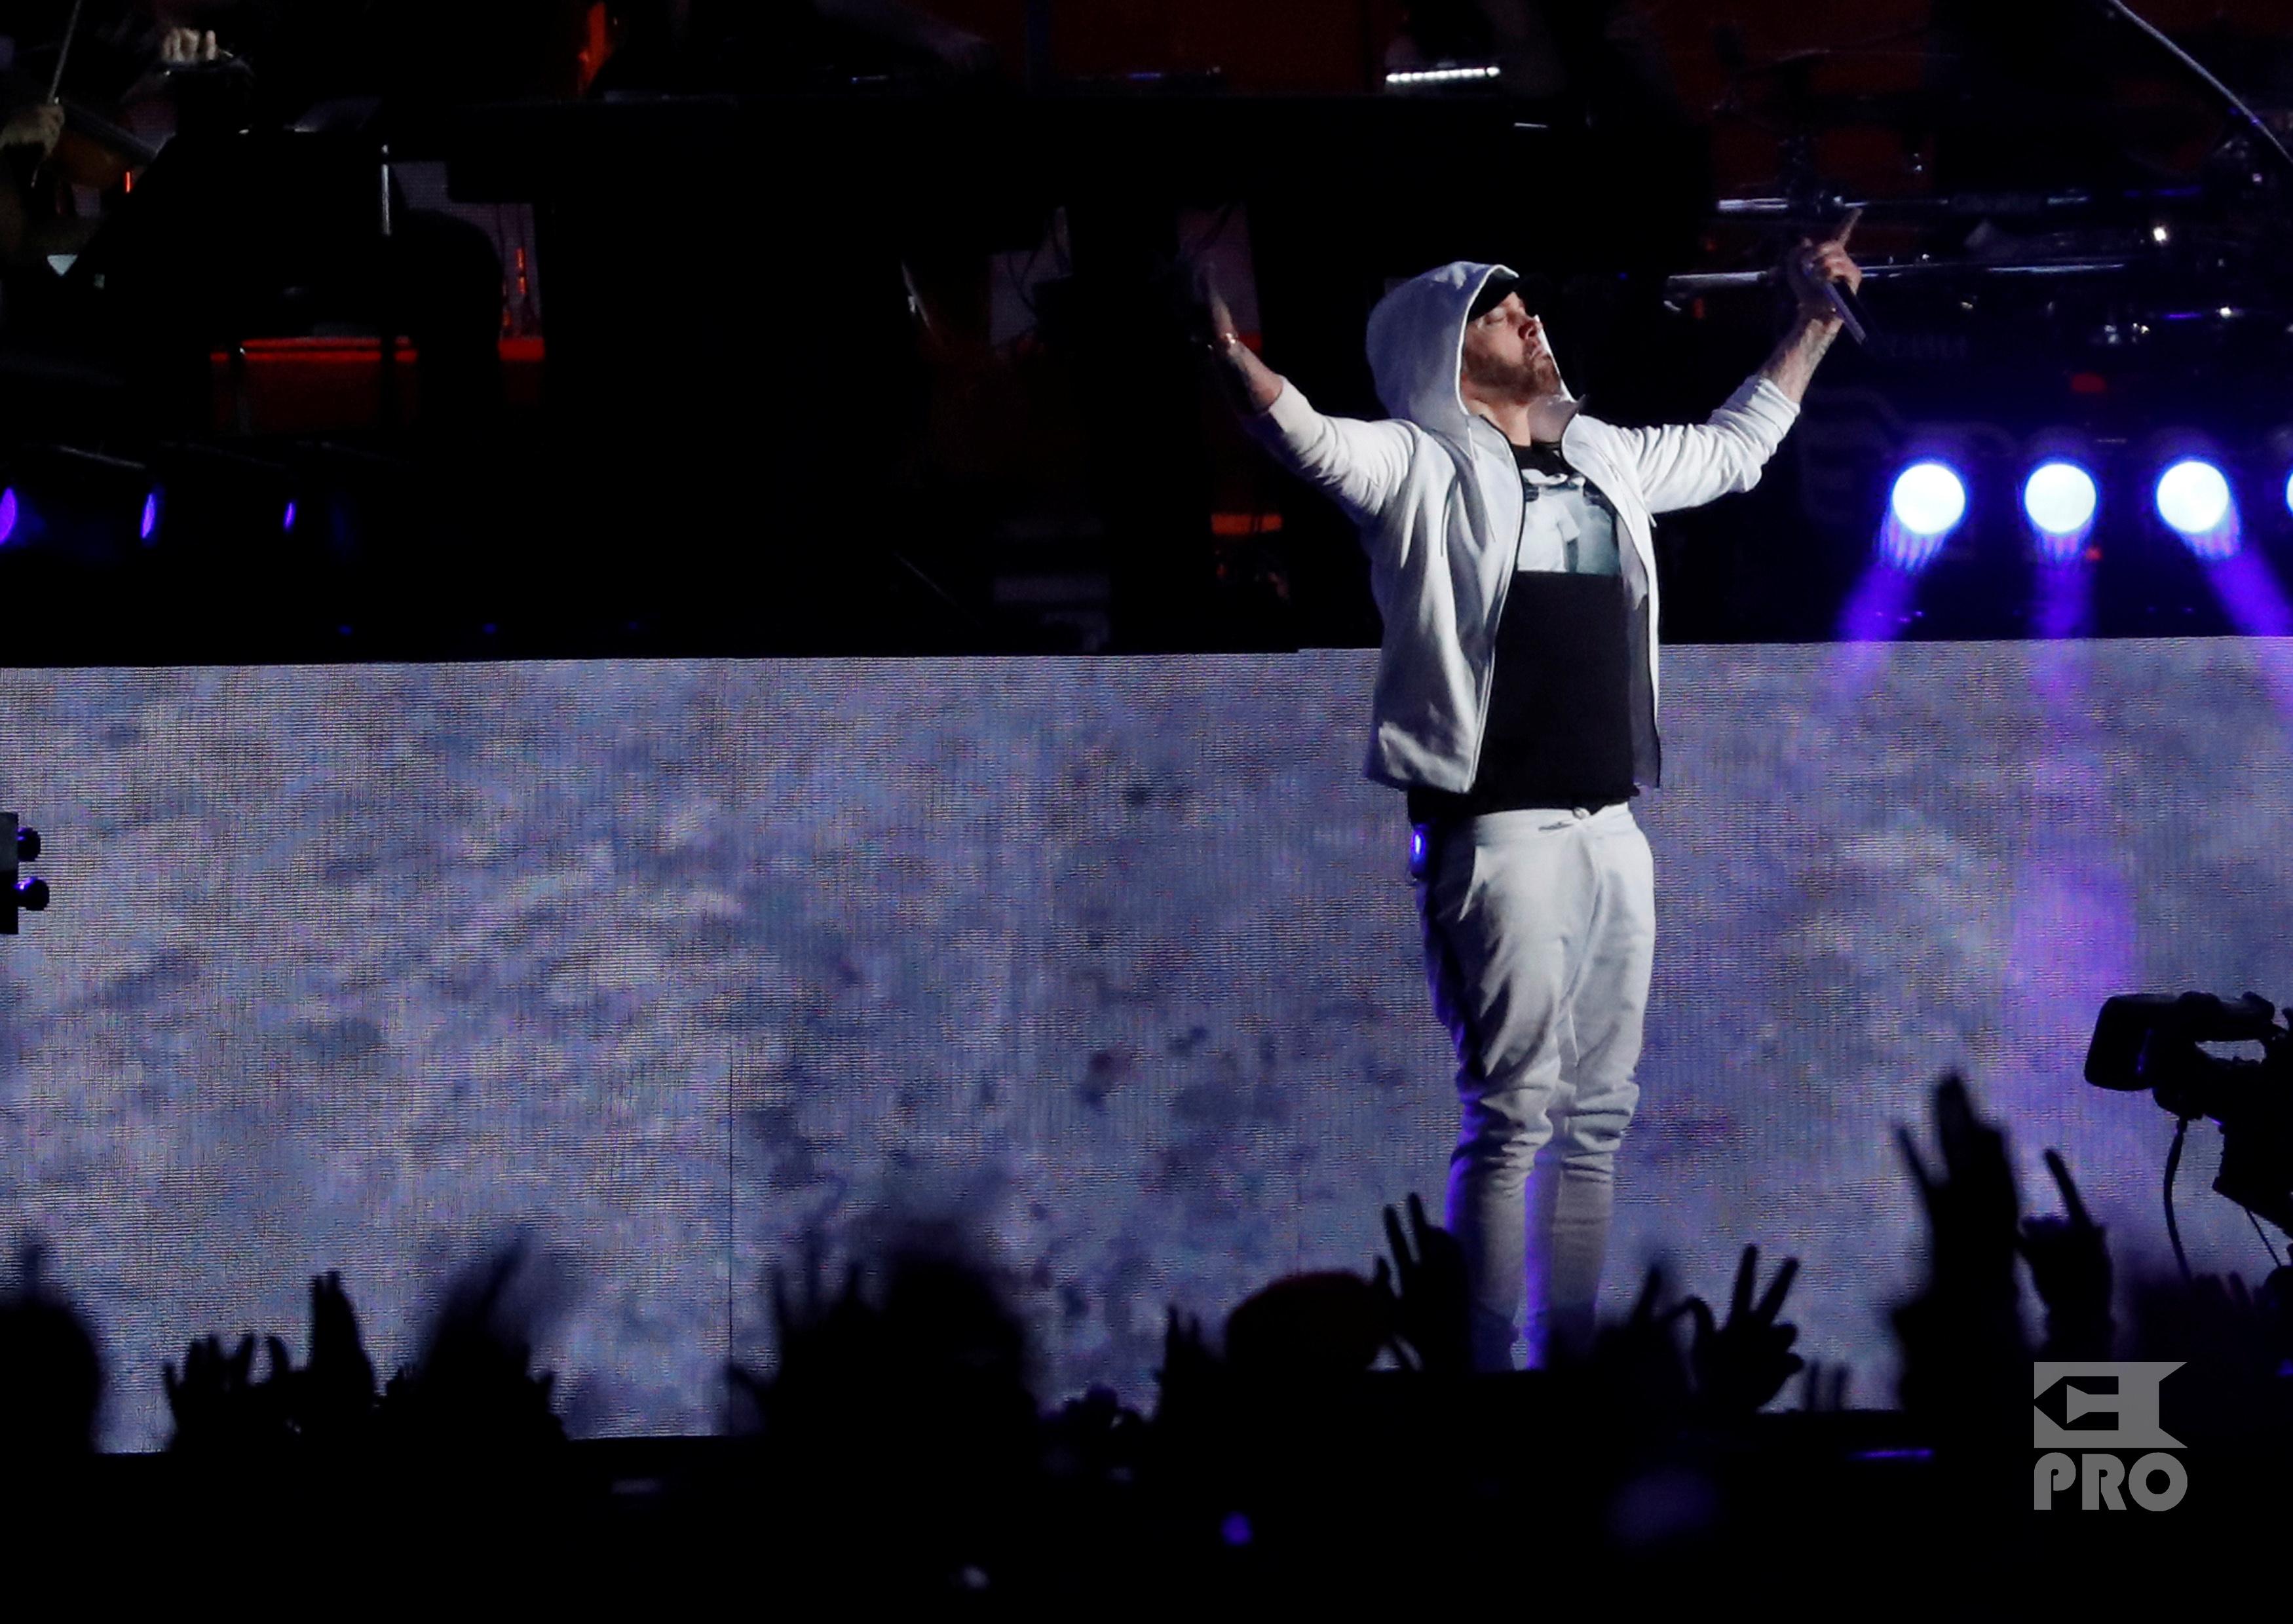 Eminem at Coachella 2018 Weekend 1 (15.04.2018) Eminem.Pro